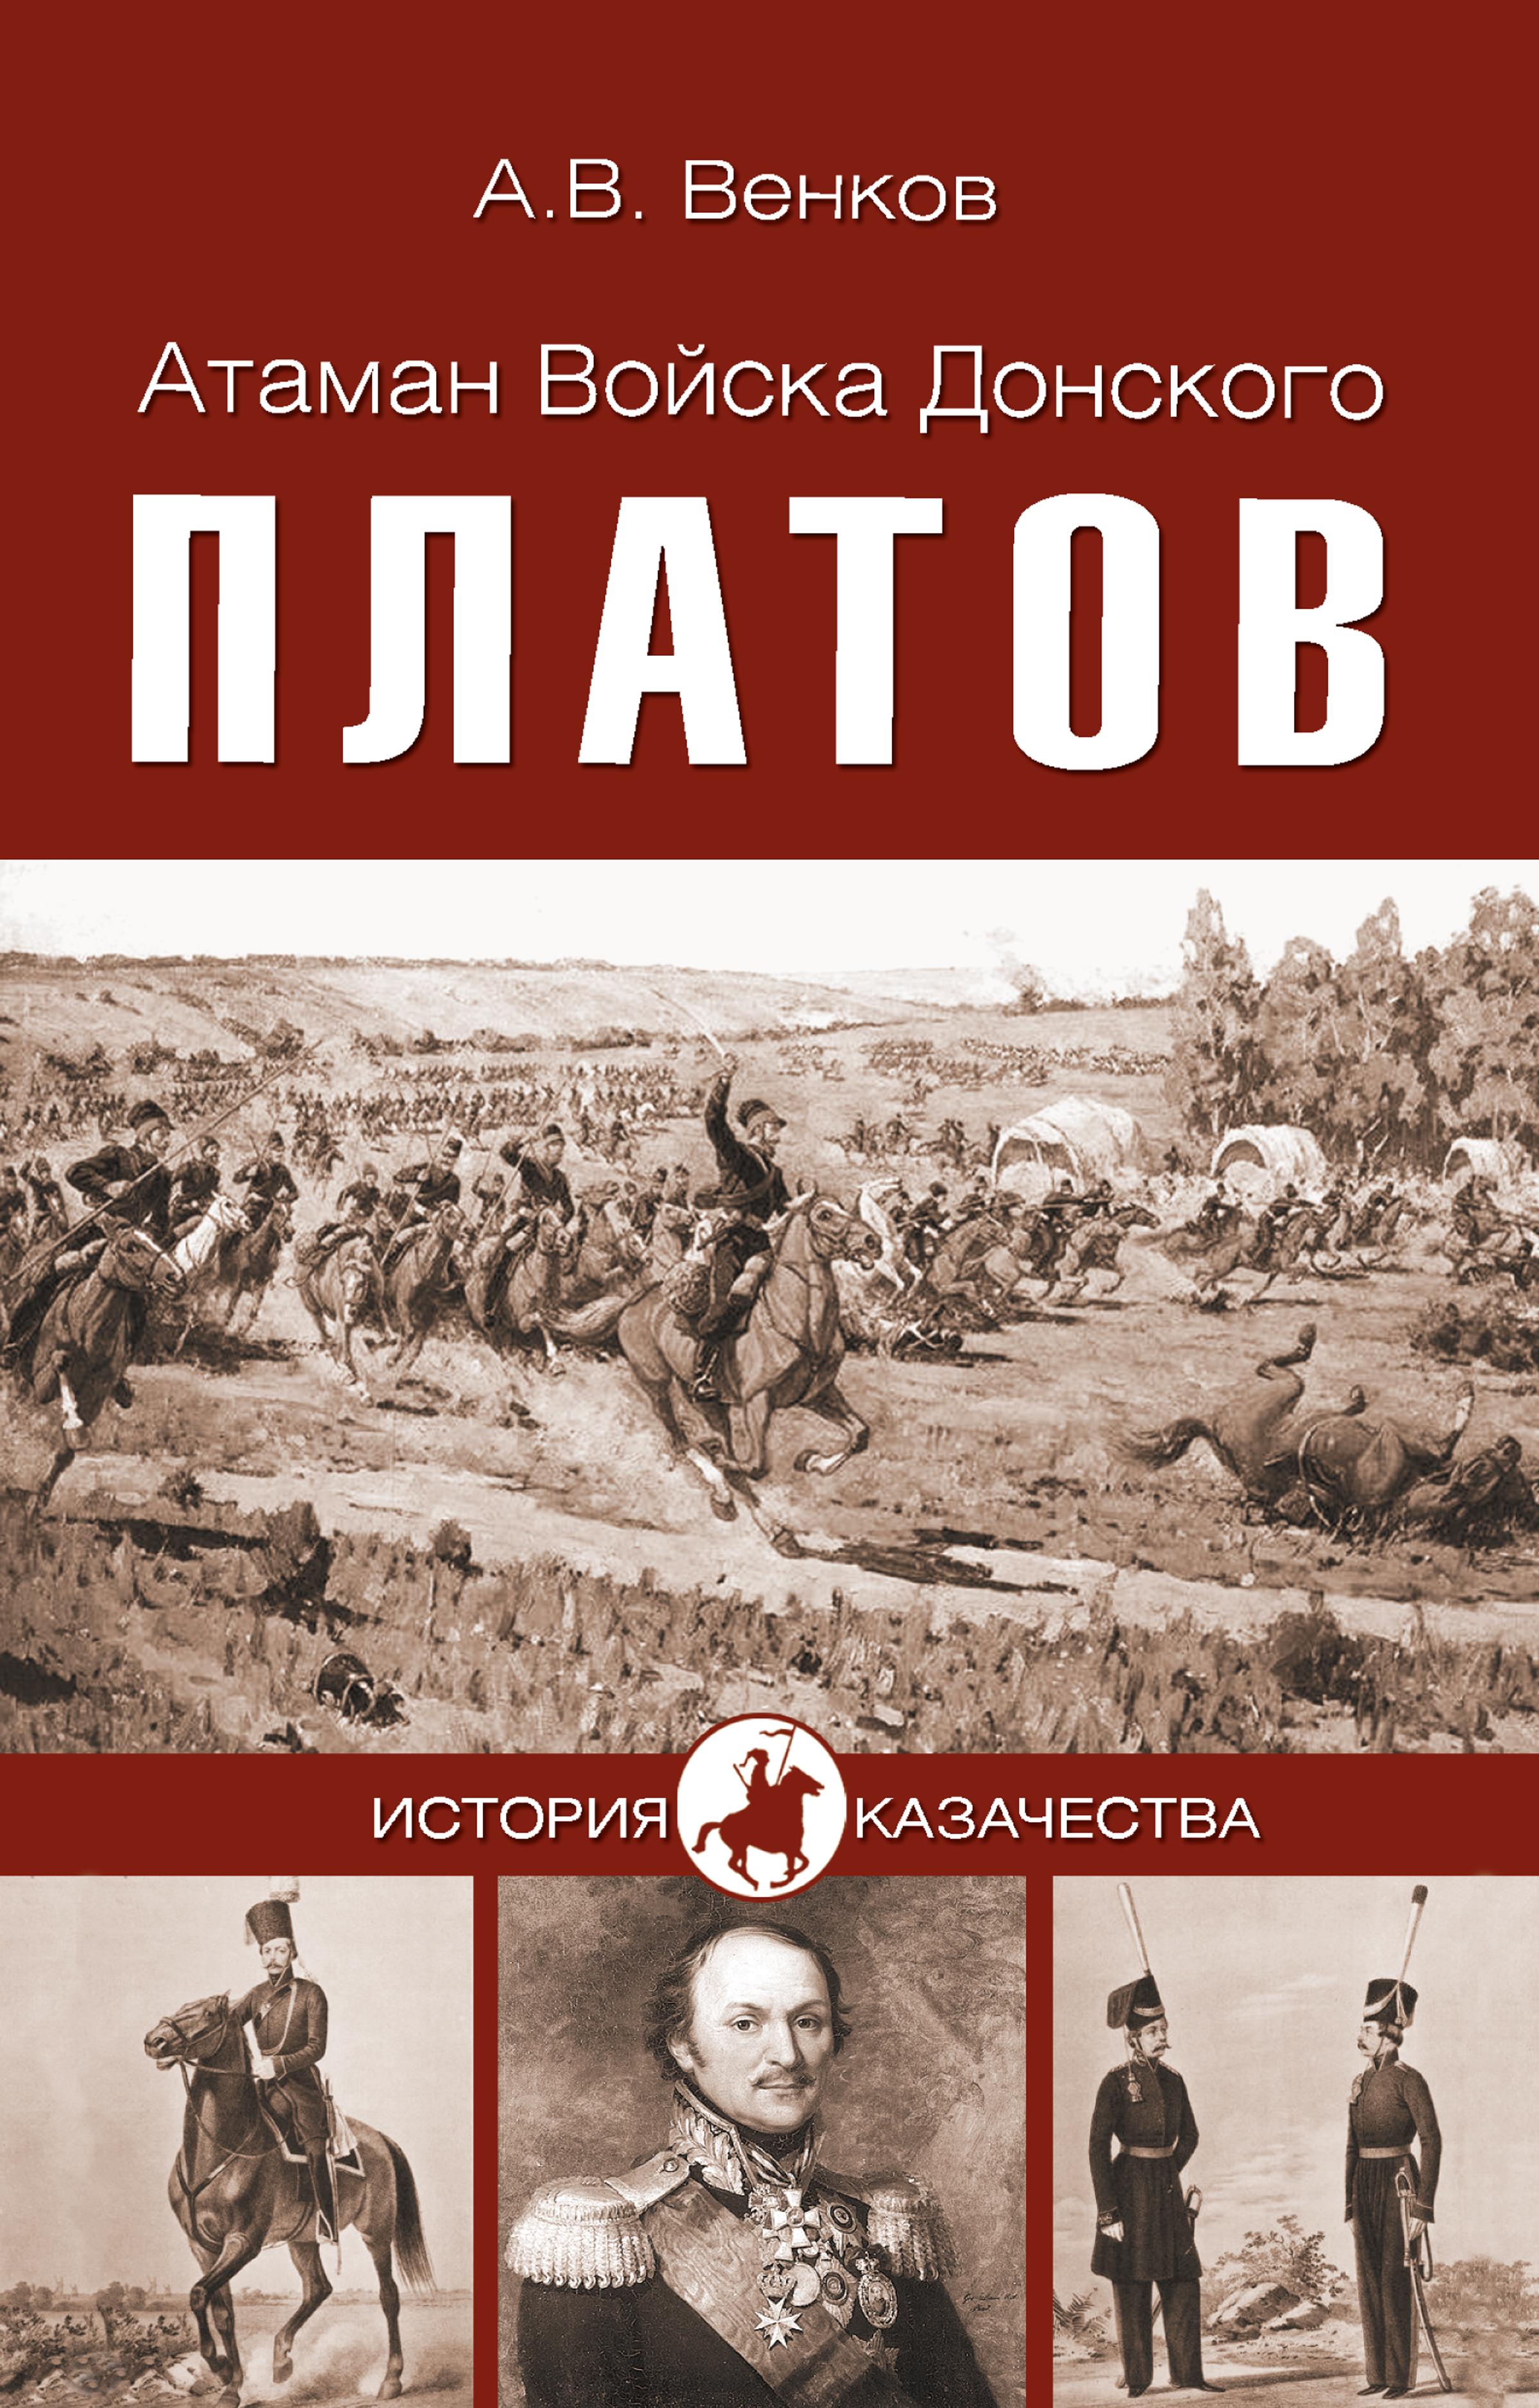 Атаман Войска Донского Платов